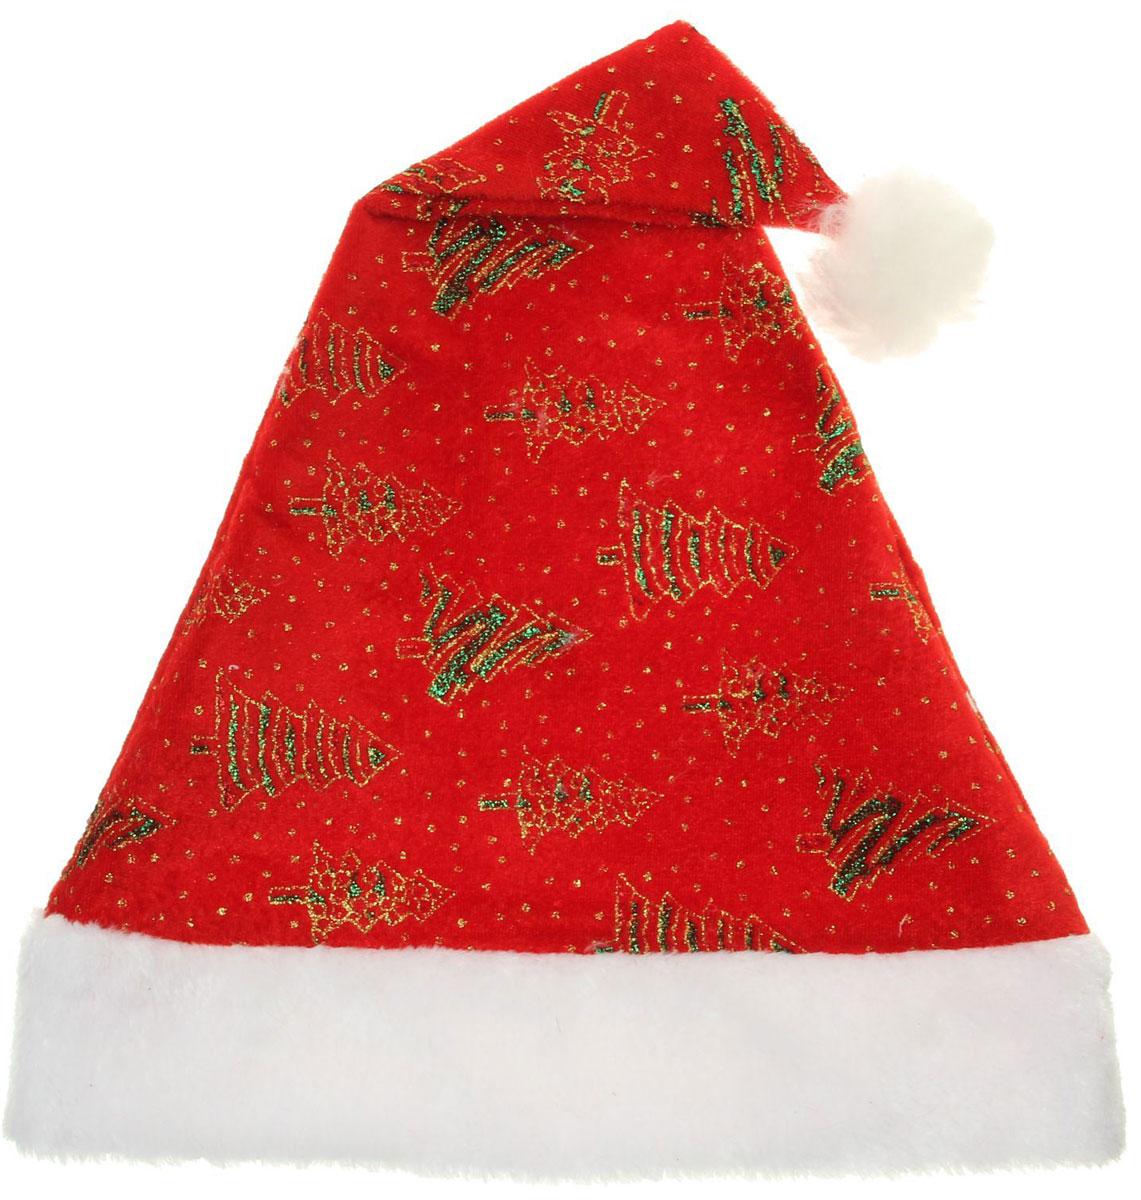 Колпак новогодний Елочки зеленые. 30 х 42 см. 13906321390632Поддайтесь новогоднему веселью на полную катушку! Забавный колпак в секунду создаст праздничное настроение, будь то поздравление ребятишек или вечеринка с друзьями. Размер изделия универсальный: аксессуар подойдет как для ребенка, так и для взрослого. А мягкий текстиль позволит носить колпак с комфортом на протяжении всей новогодней ночи.